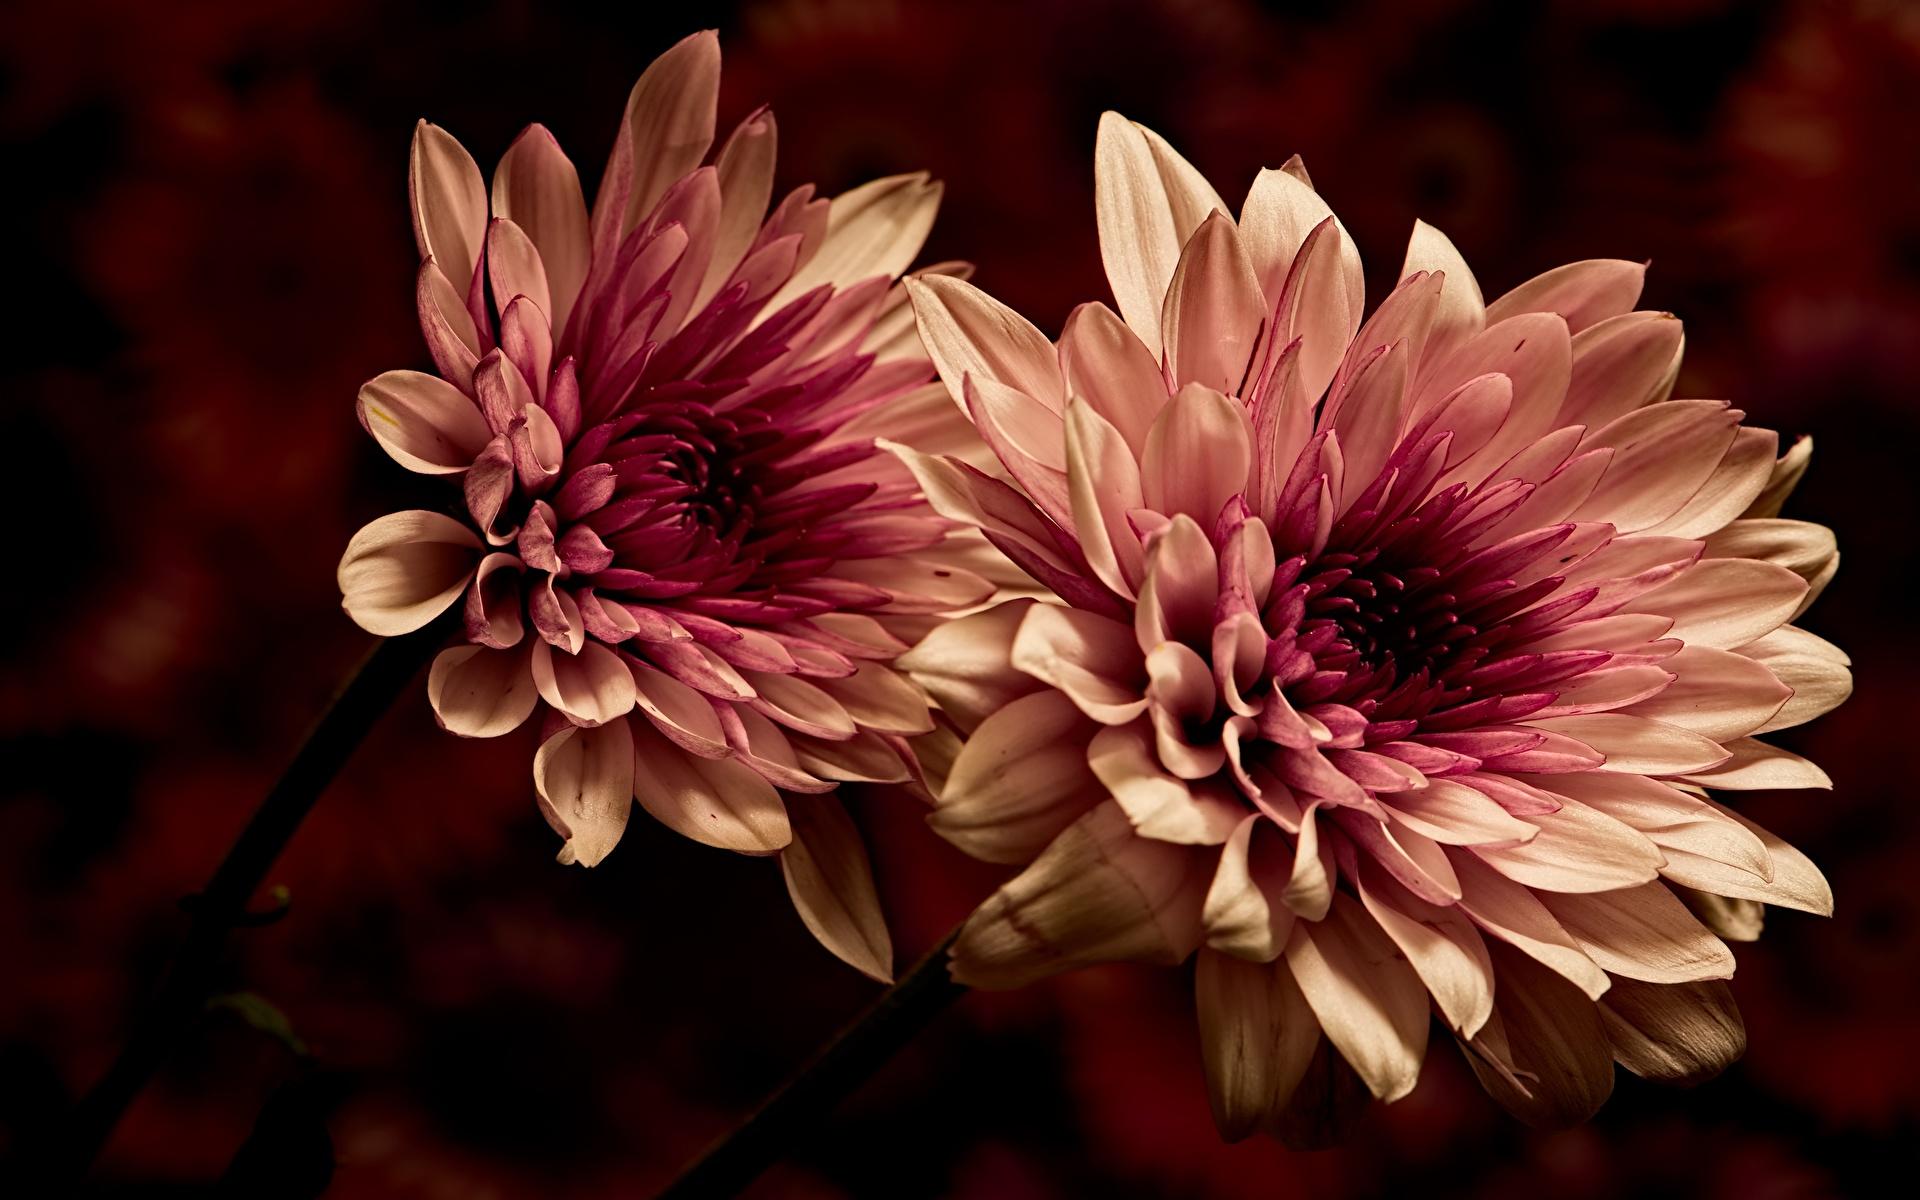 Image Two Dahlias Flowers Closeup 1920x1200 2 flower